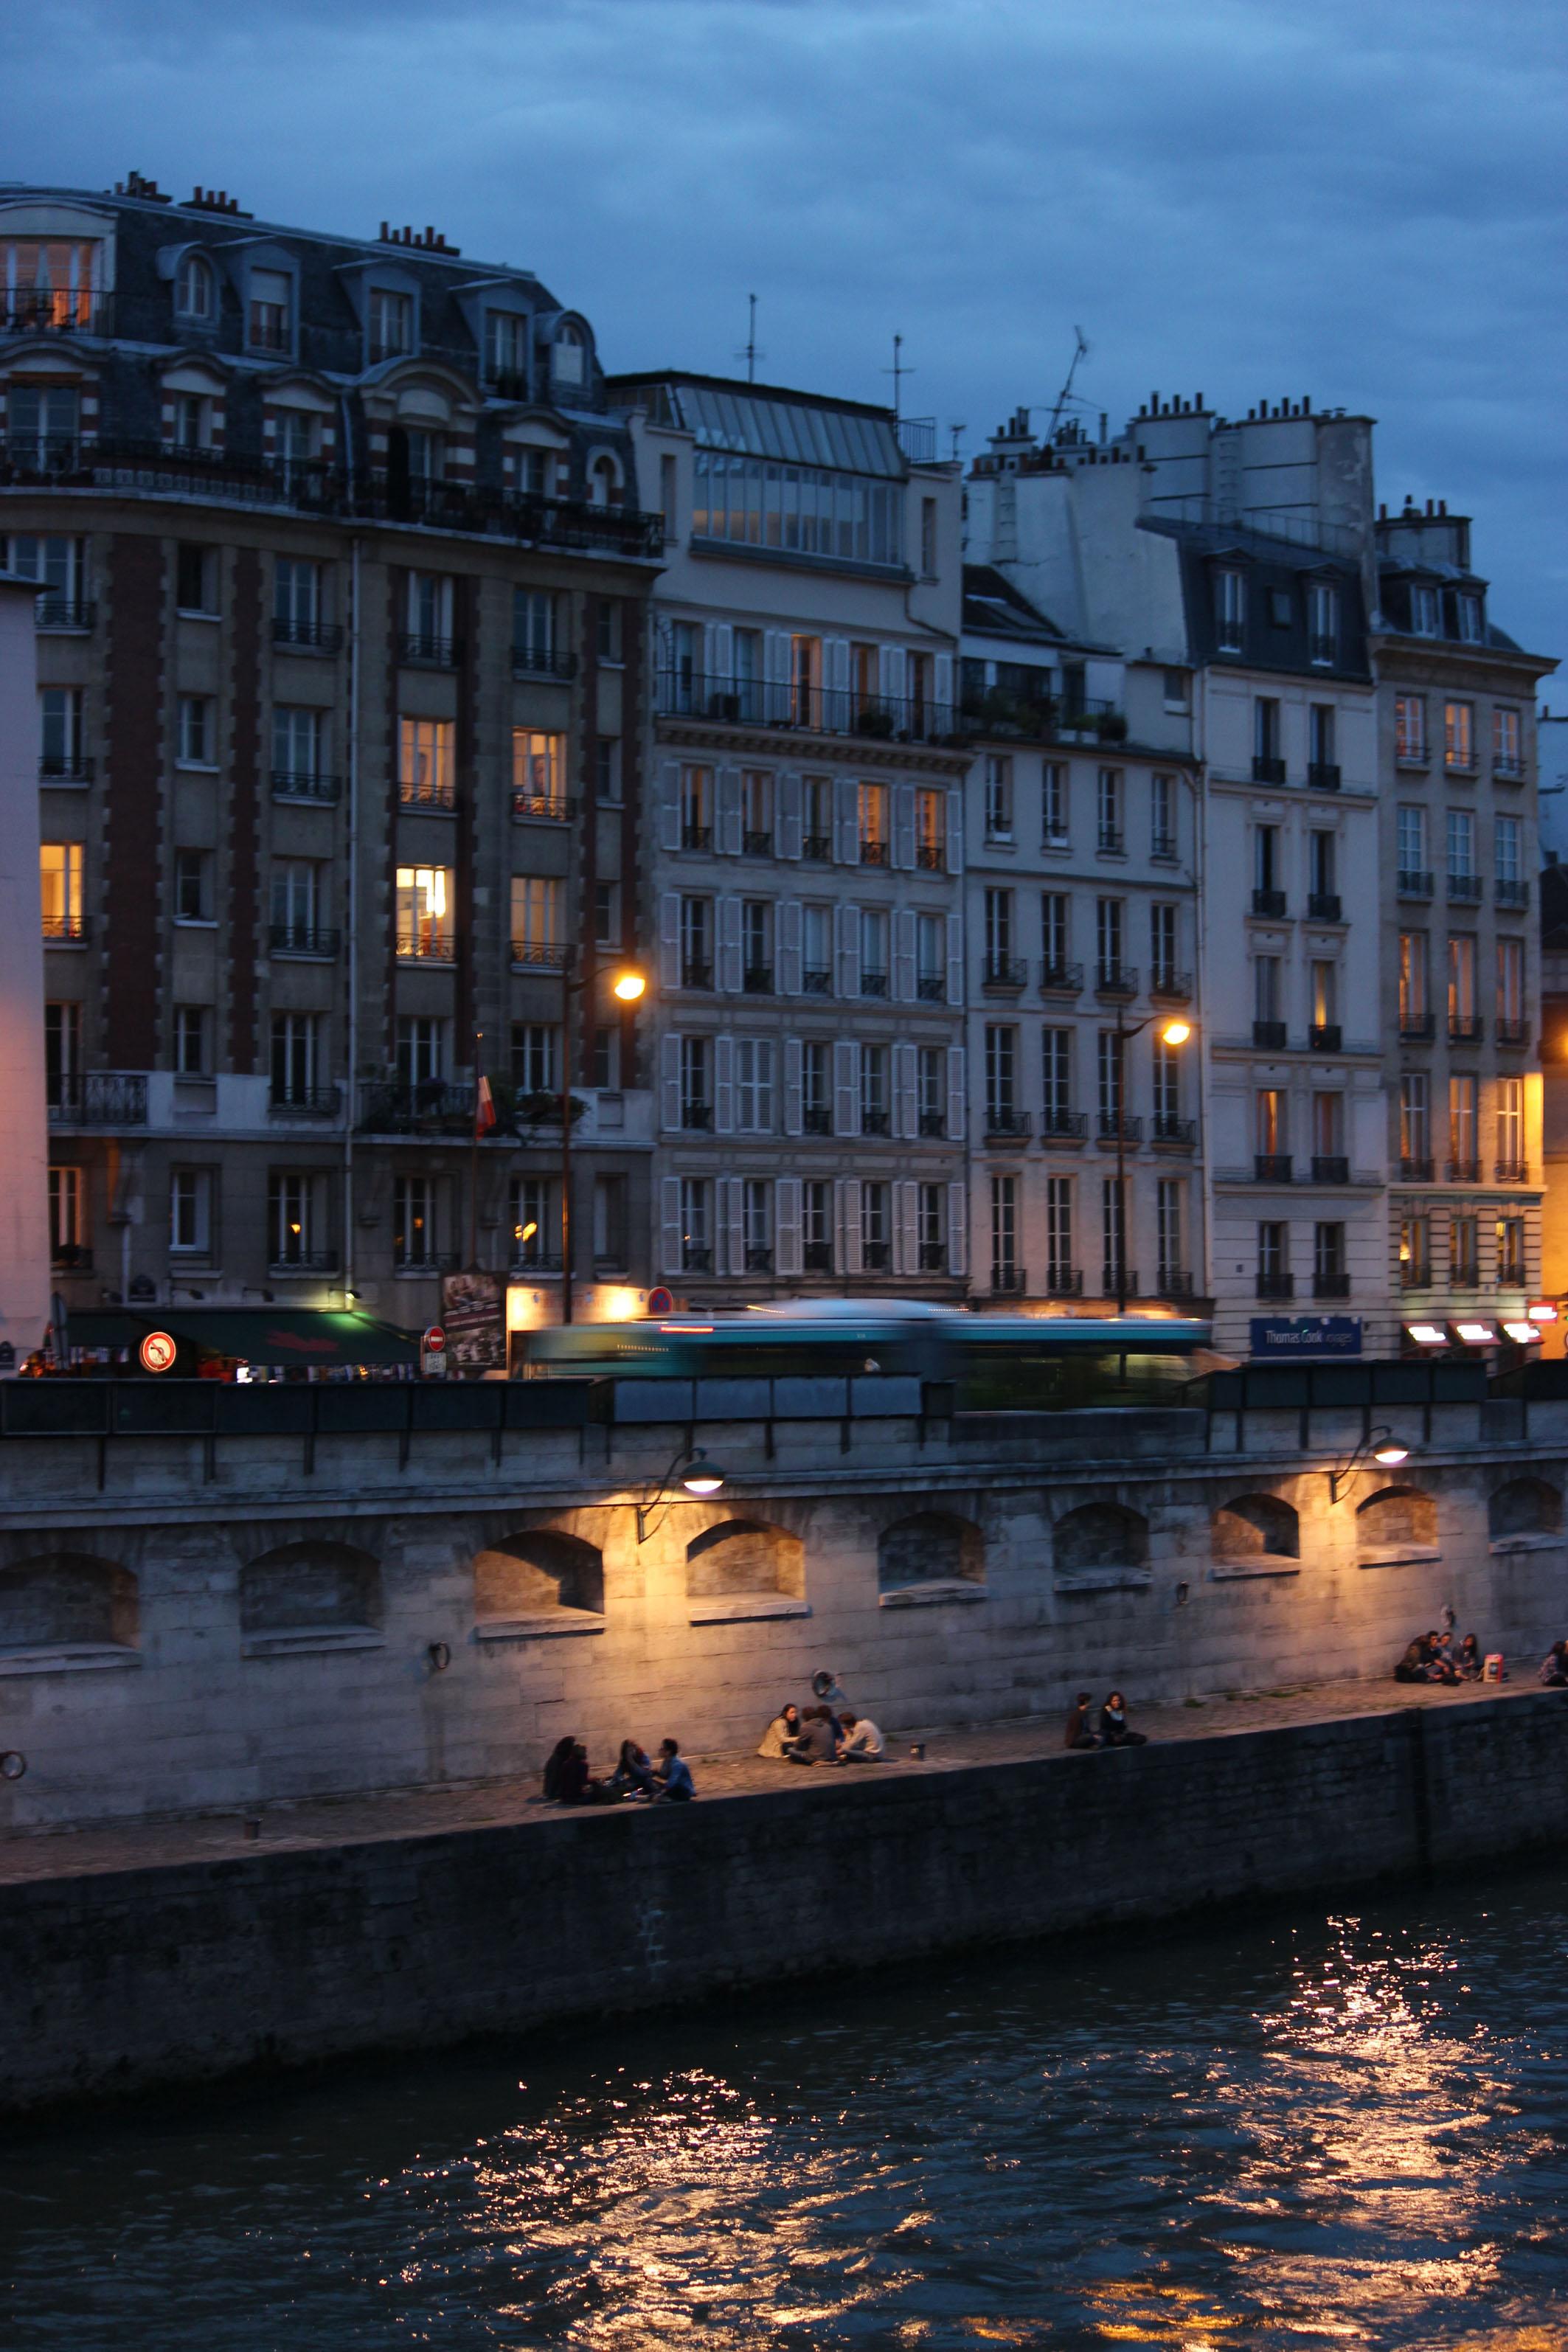 Photographie - Paris - Les Bords de Seine by night - Violaine Martin Créations - Design textile - tissage jacquards, unis et velours - aquarelles botaniques - Hauts-de-France